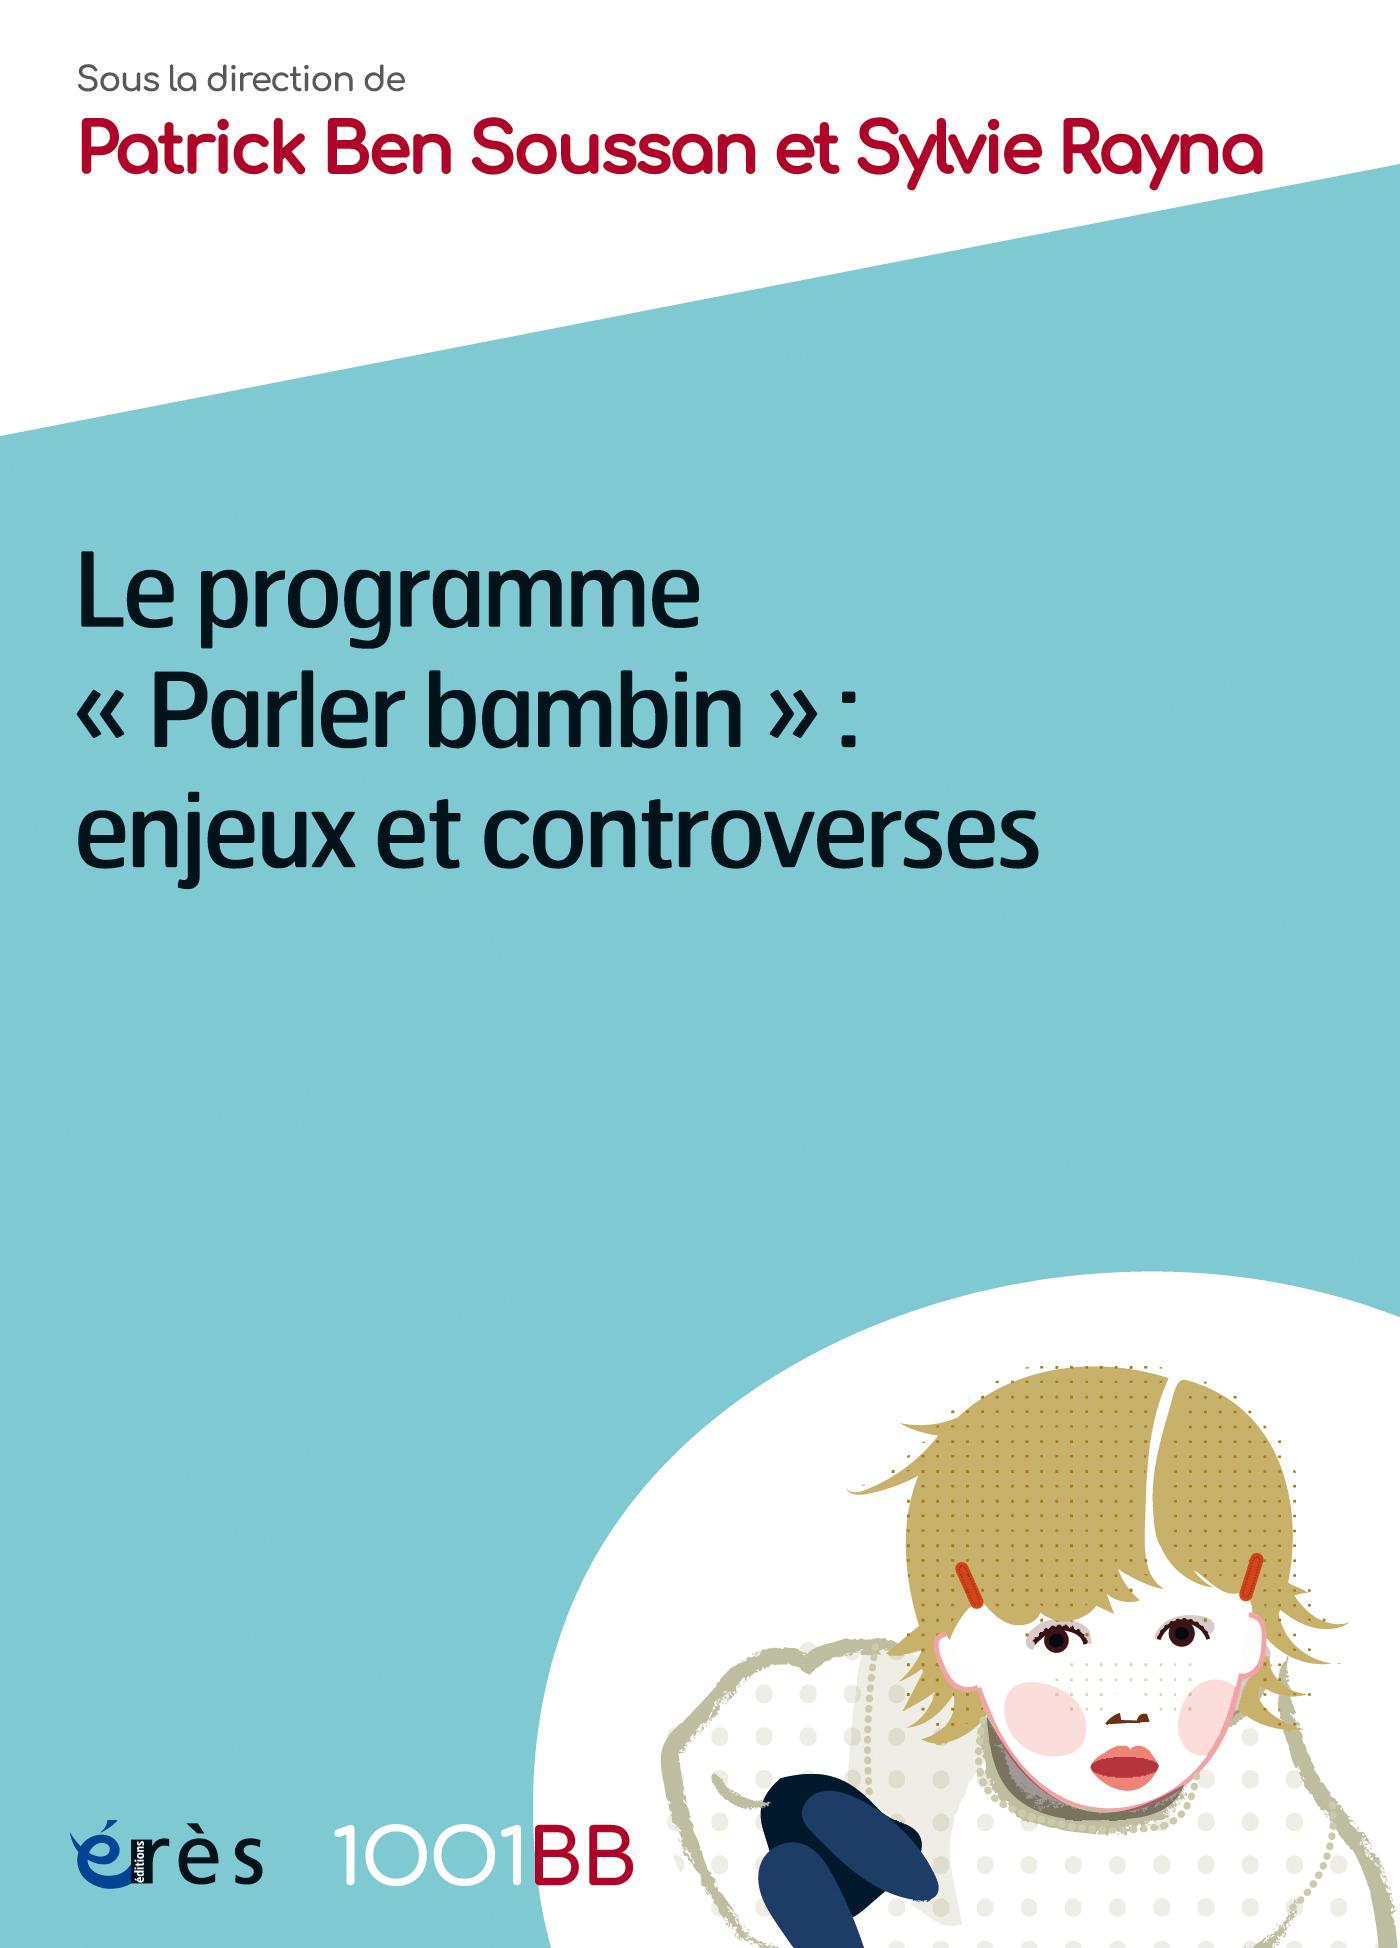 Le programme Parler bambin ...